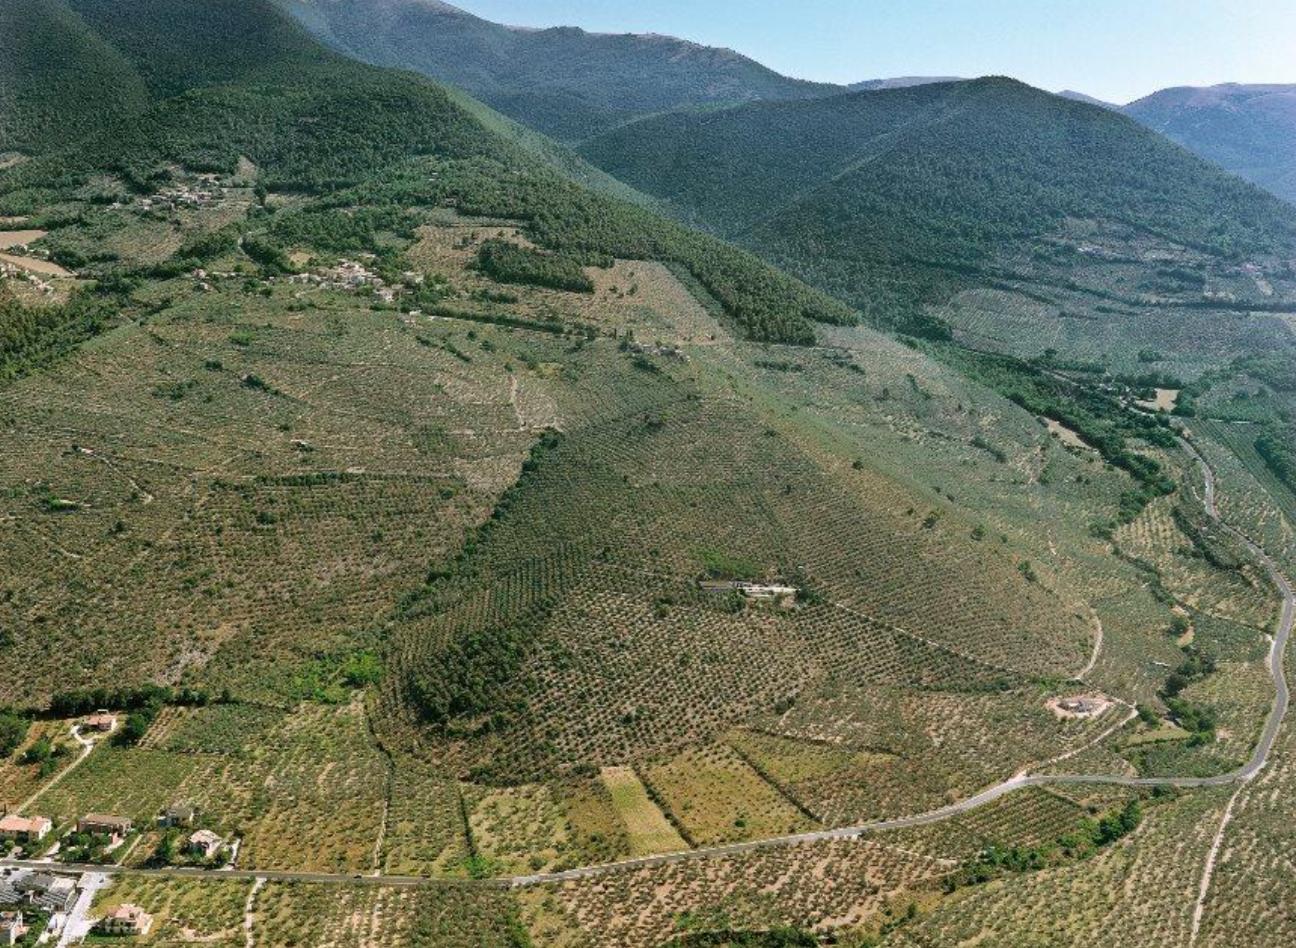 Gli ulivi dell'Umbria vogliono il riconoscimento Unesco